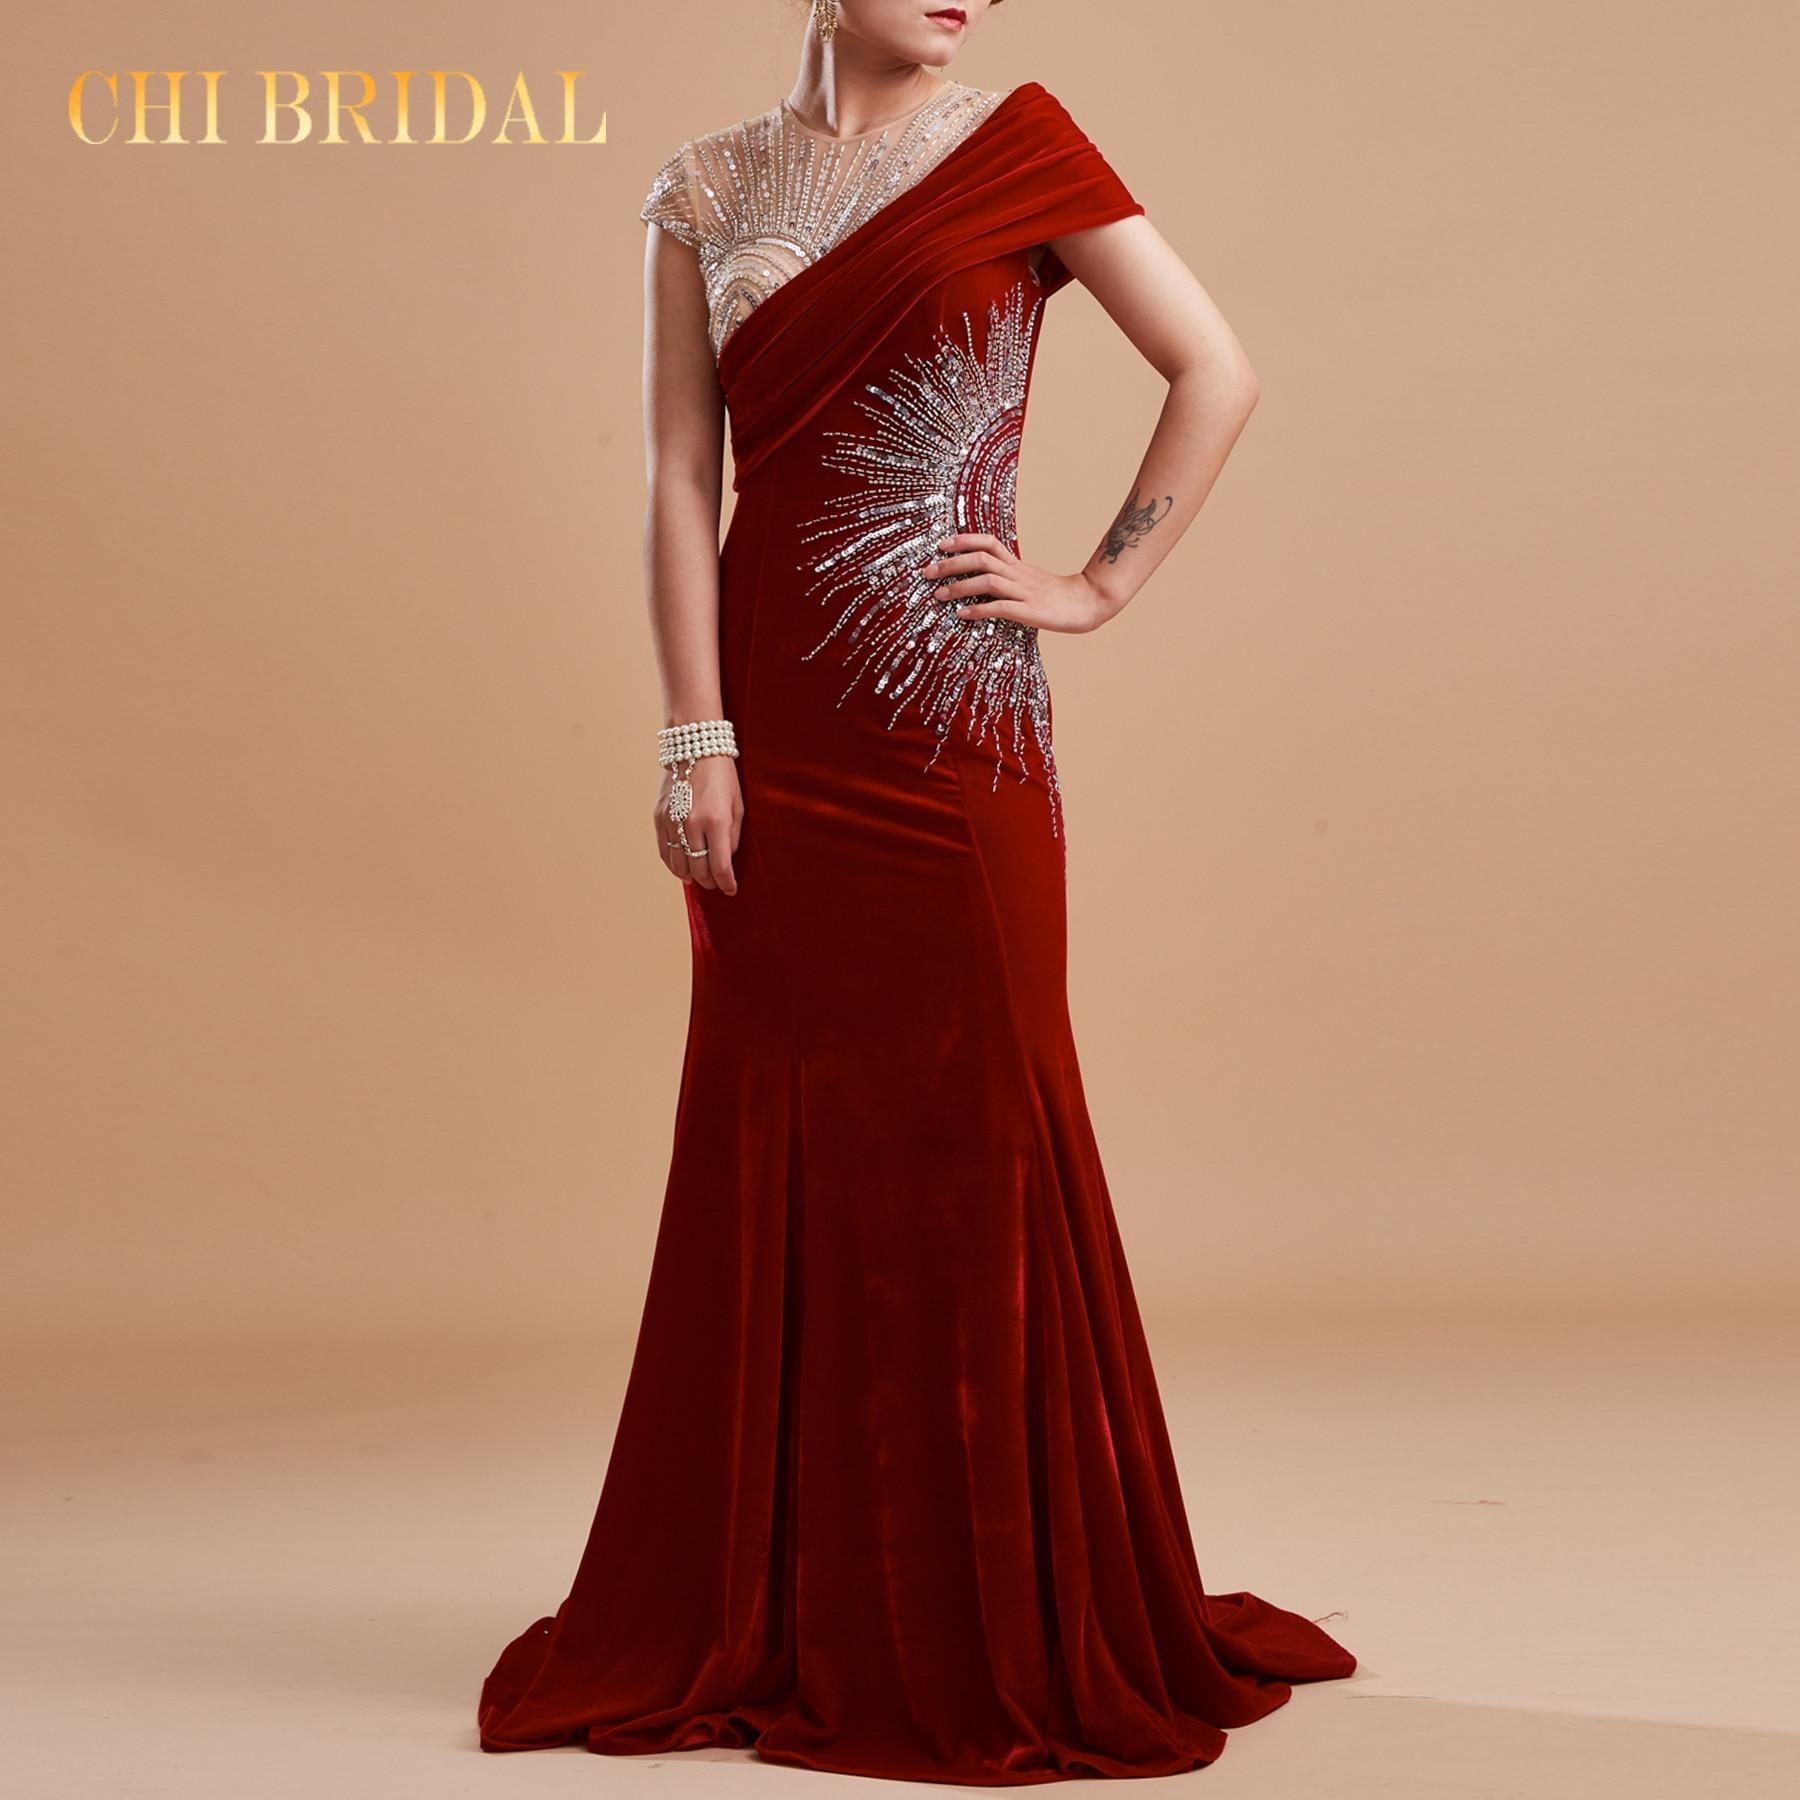 Фото - Новинка 2021, длинное платье на одно плечо, благородное и сексуальное длинное платье, женское элегантное вечернее платье, женское длинное пла... lemaire длинное платье